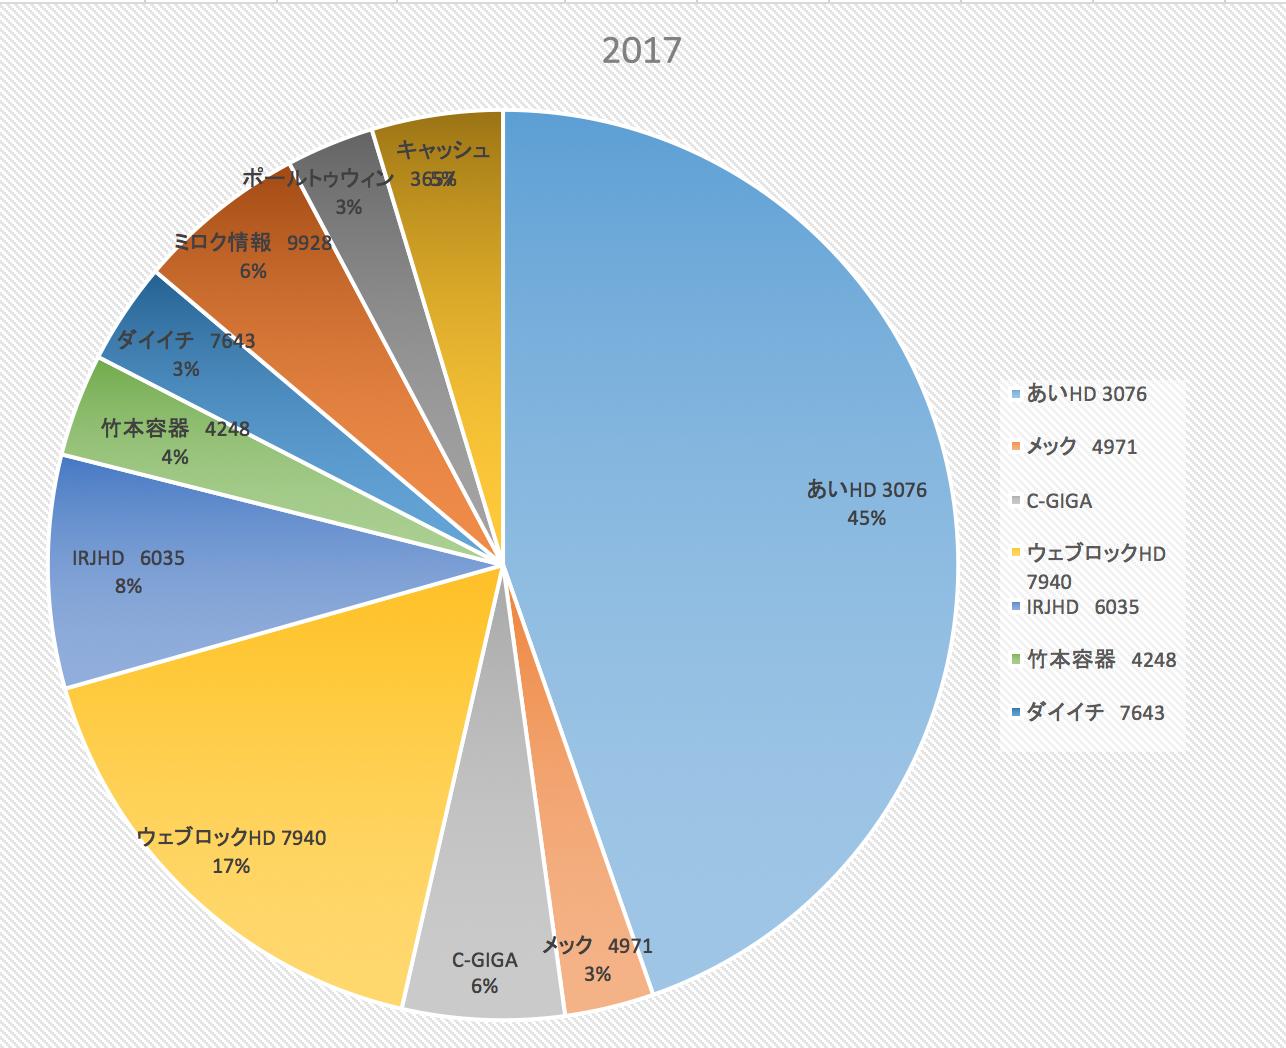 博打気質と権威主義に染まった大損する人達(株式投資成績報告2017/8/18)